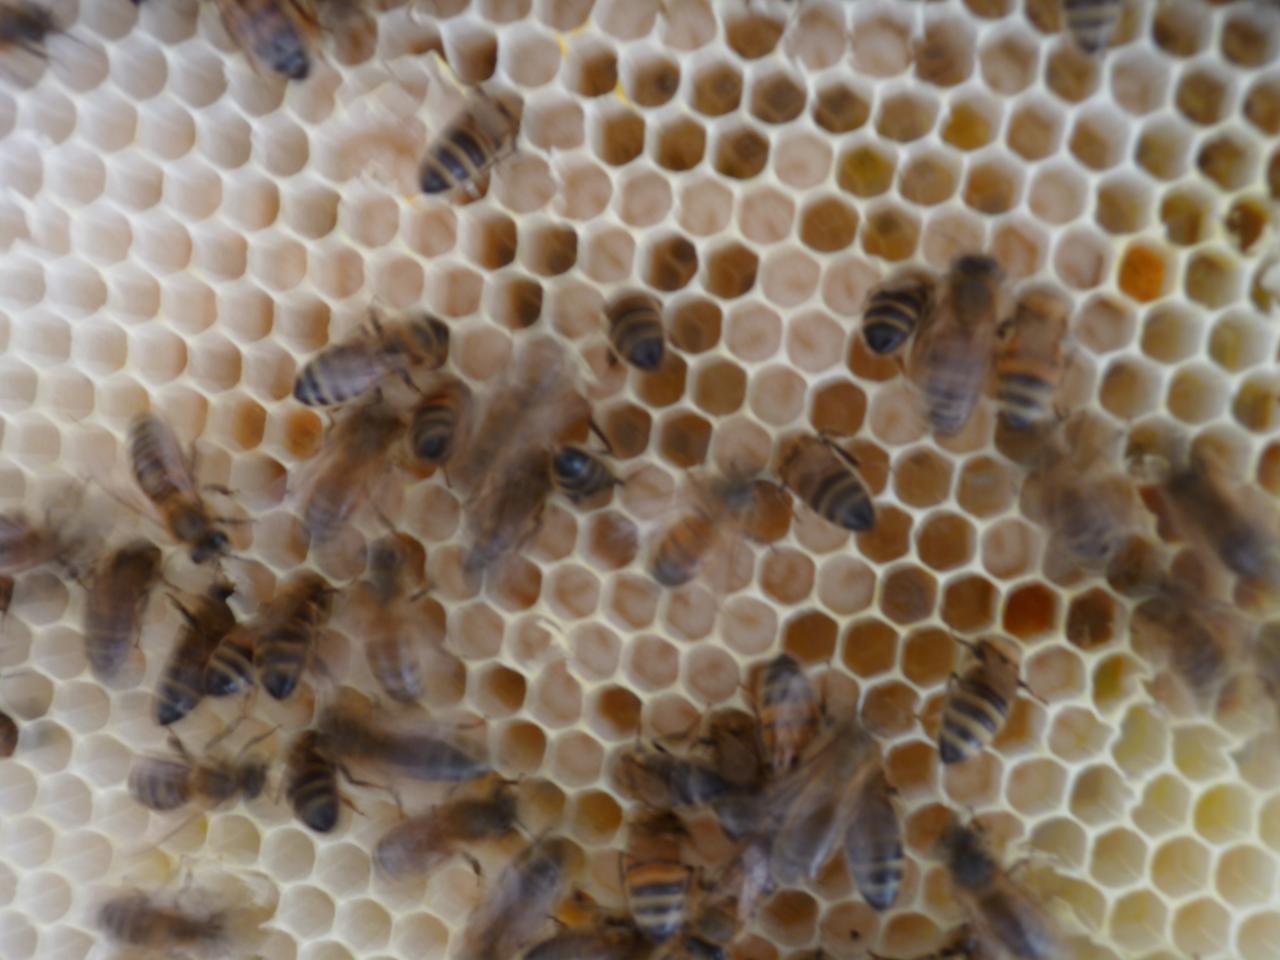 Couvain ainsi que du pollen pour l'élevage des larves.jpg